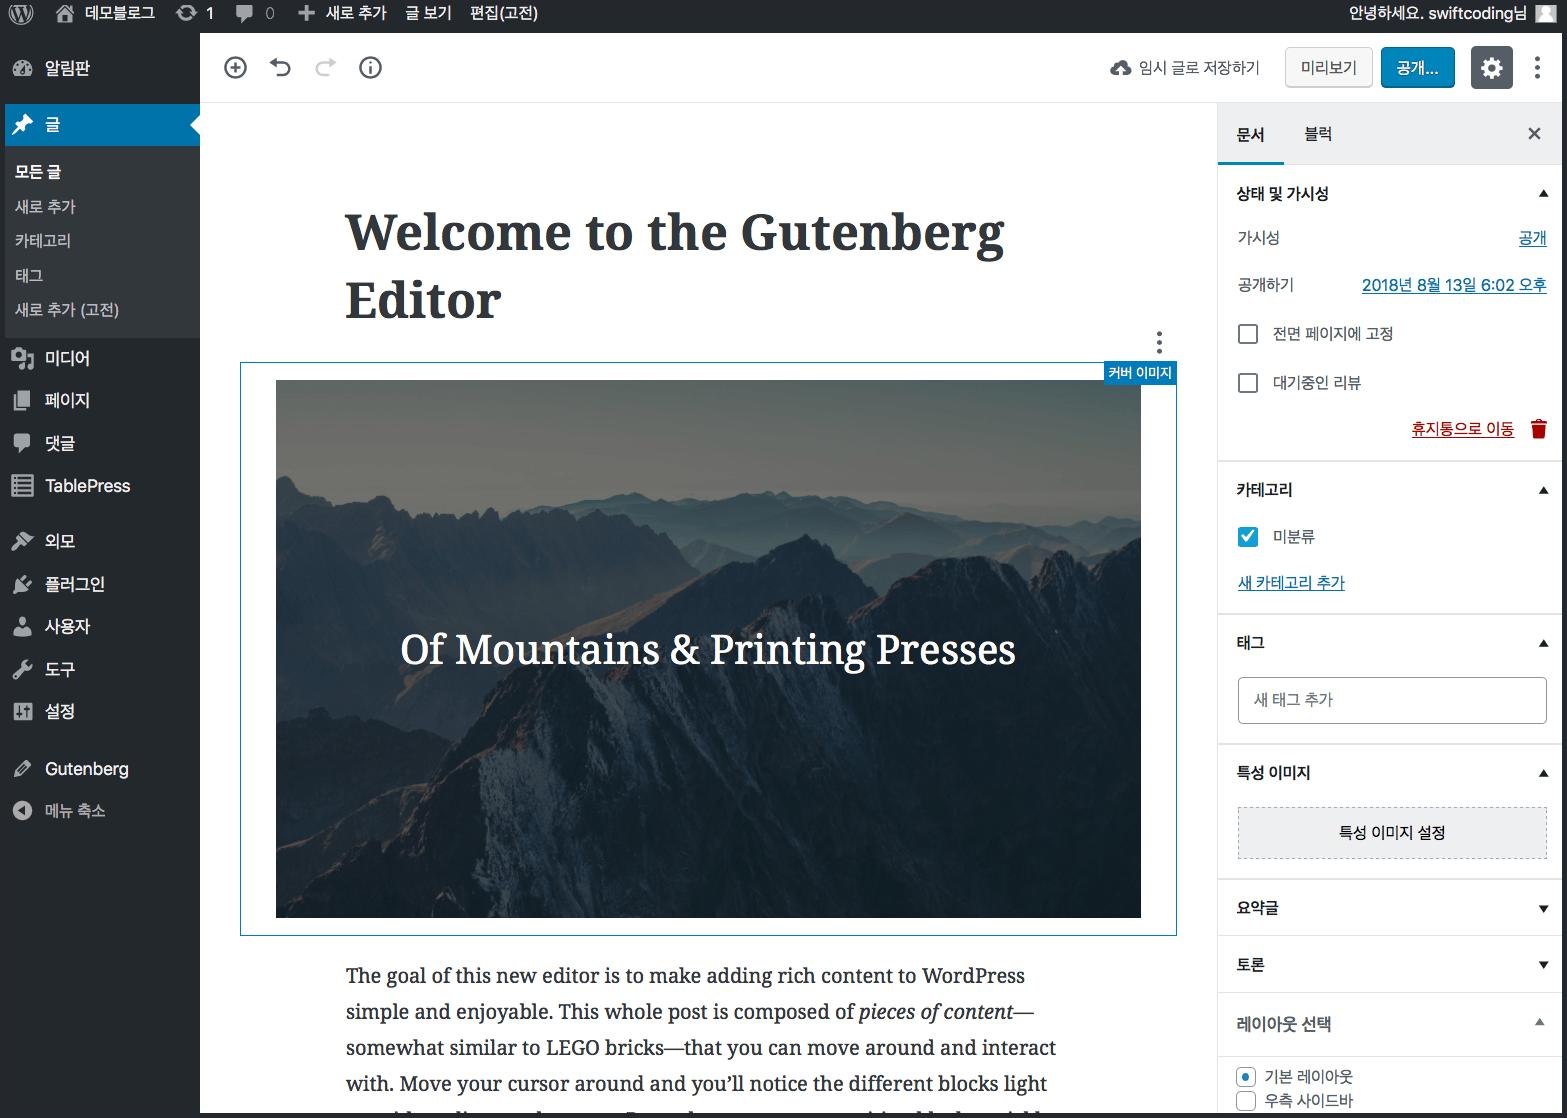 워드프레스 글씨기에서 구텐버그 에디터의 모습